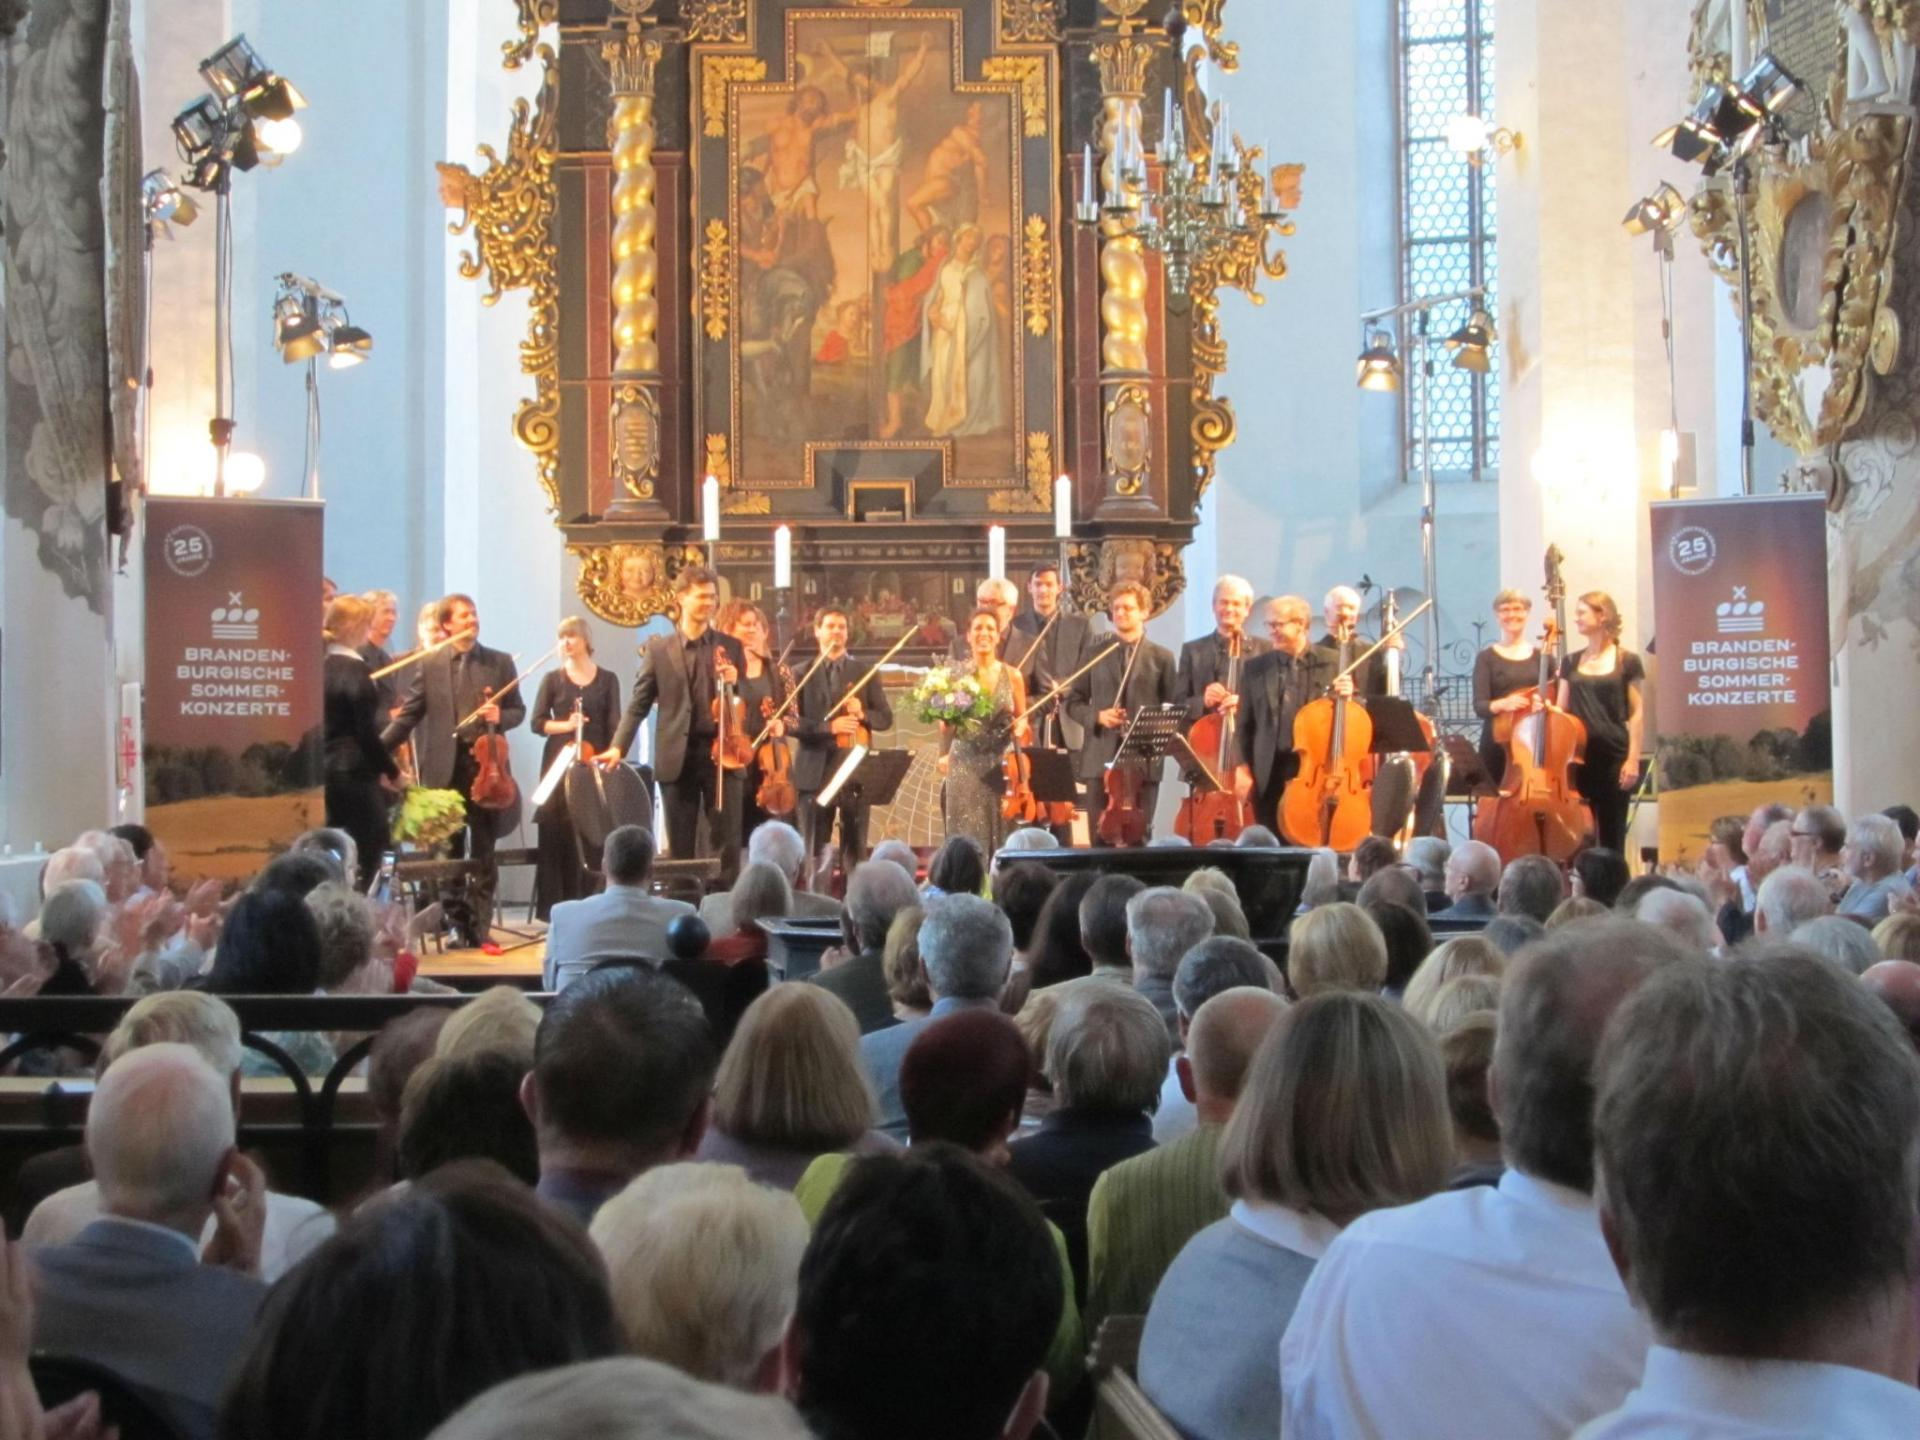 Brandenburgisches Sommerkonzert 2015 (23)